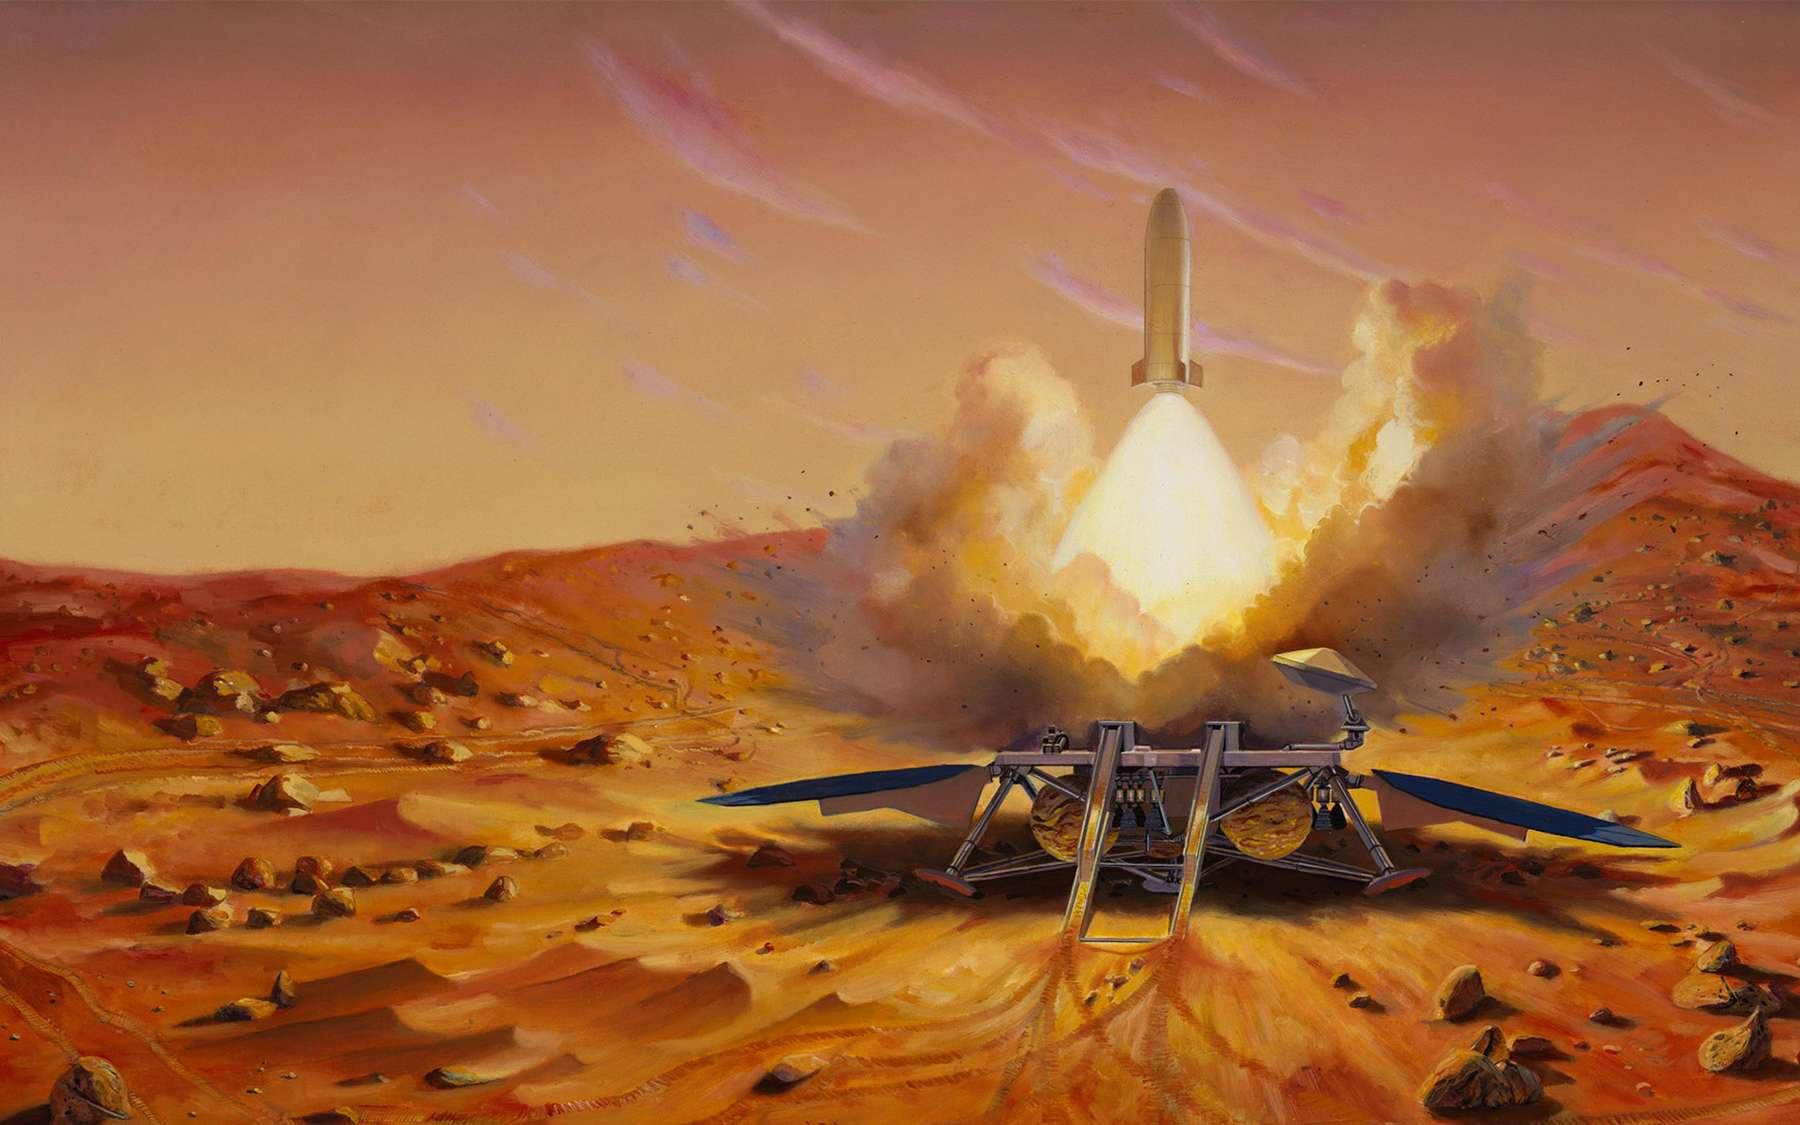 Les incertitudes sur les futurs budgets de la Nasa contraignent l'agence spatiale américaine à redéfinir ses priorités et réduire ses ambitions martiennes. © Nasa, JPL, Caltech Image